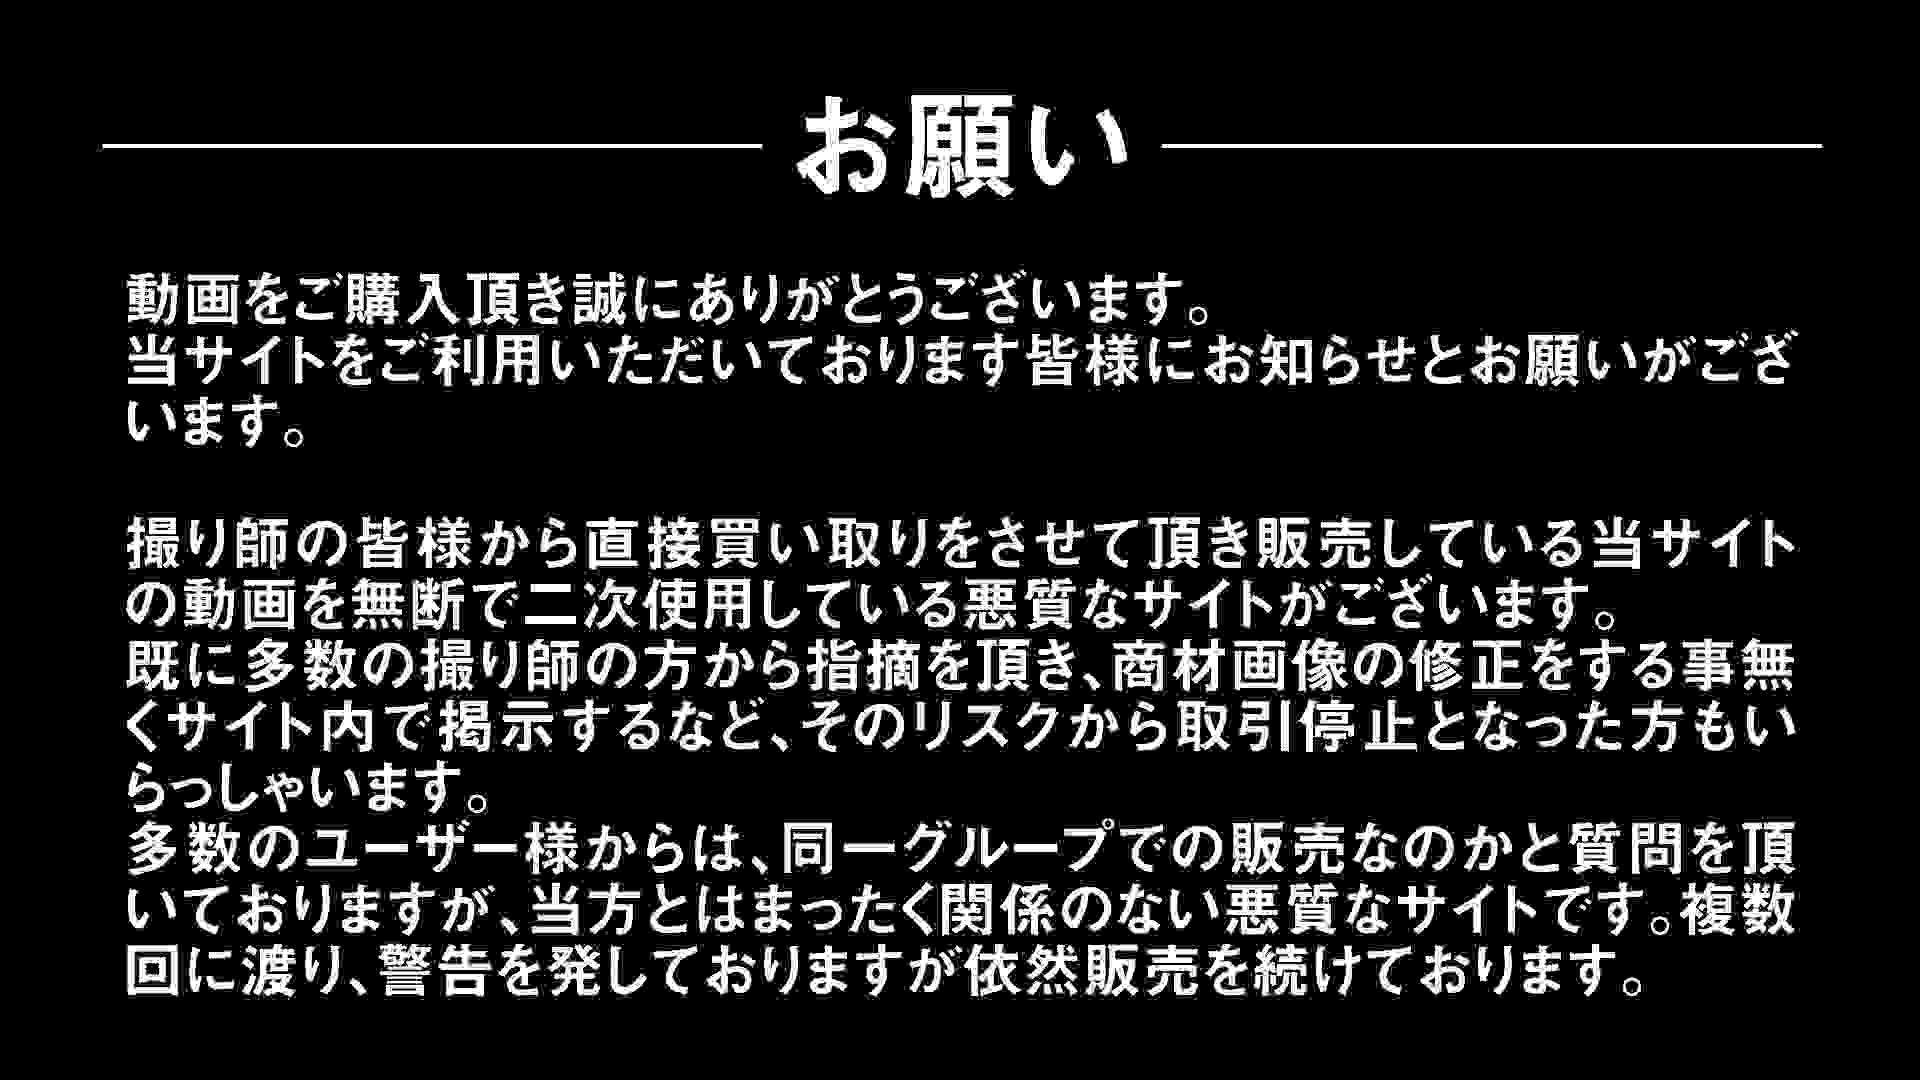 Aquaな露天風呂Vol.299 OLのエロ生活   盗撮  53連発 1